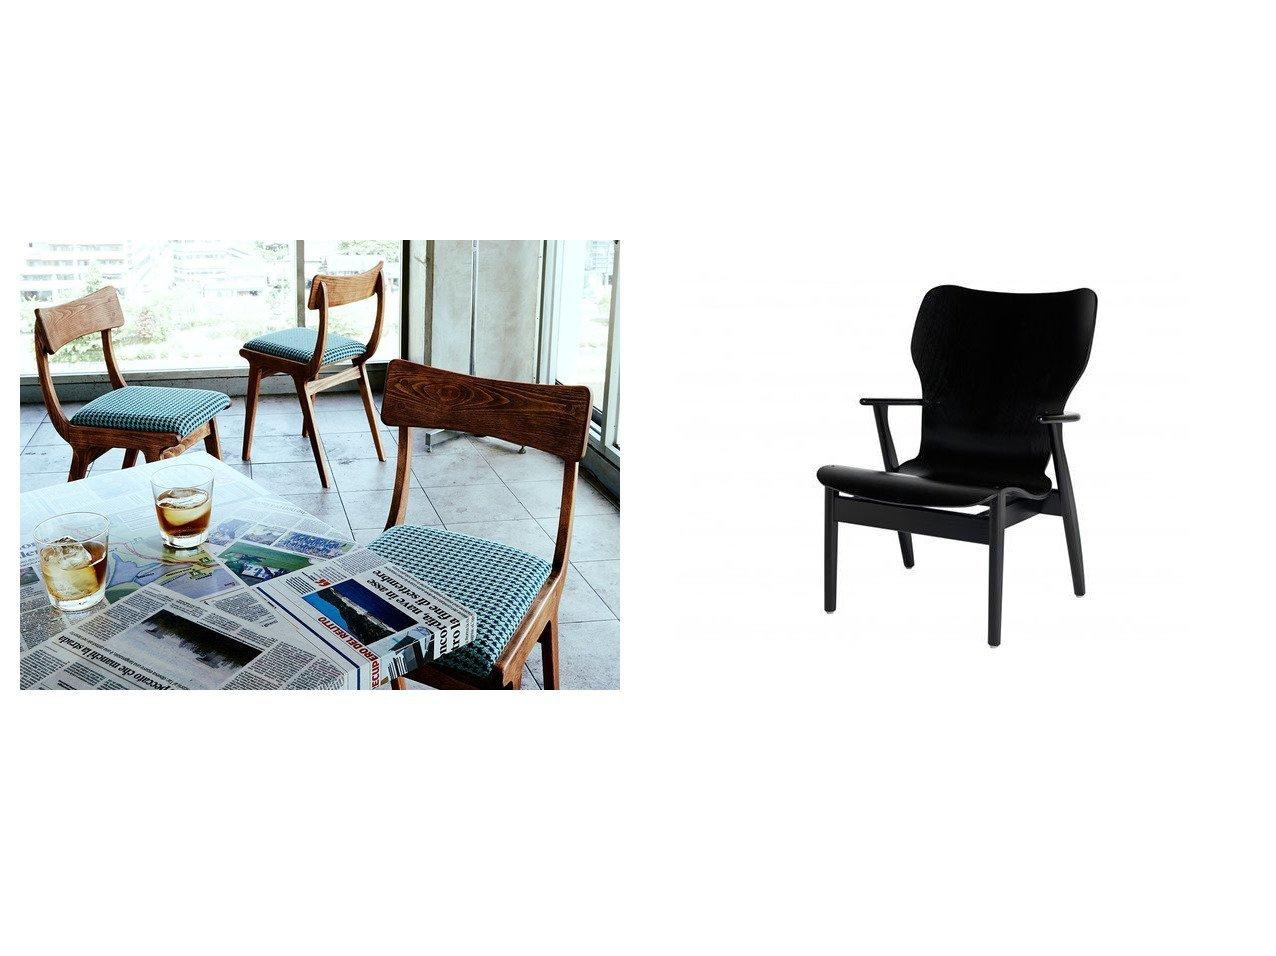 【FLYMEe Parlor/フライミーパーラー】のチェア n26127&【artek/アルテック】のドムス ラウンジチェア 【FURNITURE】おすすめ!人気、インテリア雑貨・家具の通販 おすすめで人気の流行・トレンド、ファッションの通販商品 インテリア・家具・メンズファッション・キッズファッション・レディースファッション・服の通販 founy(ファニー) https://founy.com/ 送料無料 Free Shipping コンパクト フォルム ホーム・キャンプ・アウトドア Home,Garden,Outdoor,Camping Gear 家具・インテリア Furniture チェア・椅子 Chair ダイニングチェア ホーム・キャンプ・アウトドア Home,Garden,Outdoor,Camping Gear 家具・インテリア Furniture チェア・椅子 Chair ラウンジチェア |ID:crp329100000062728